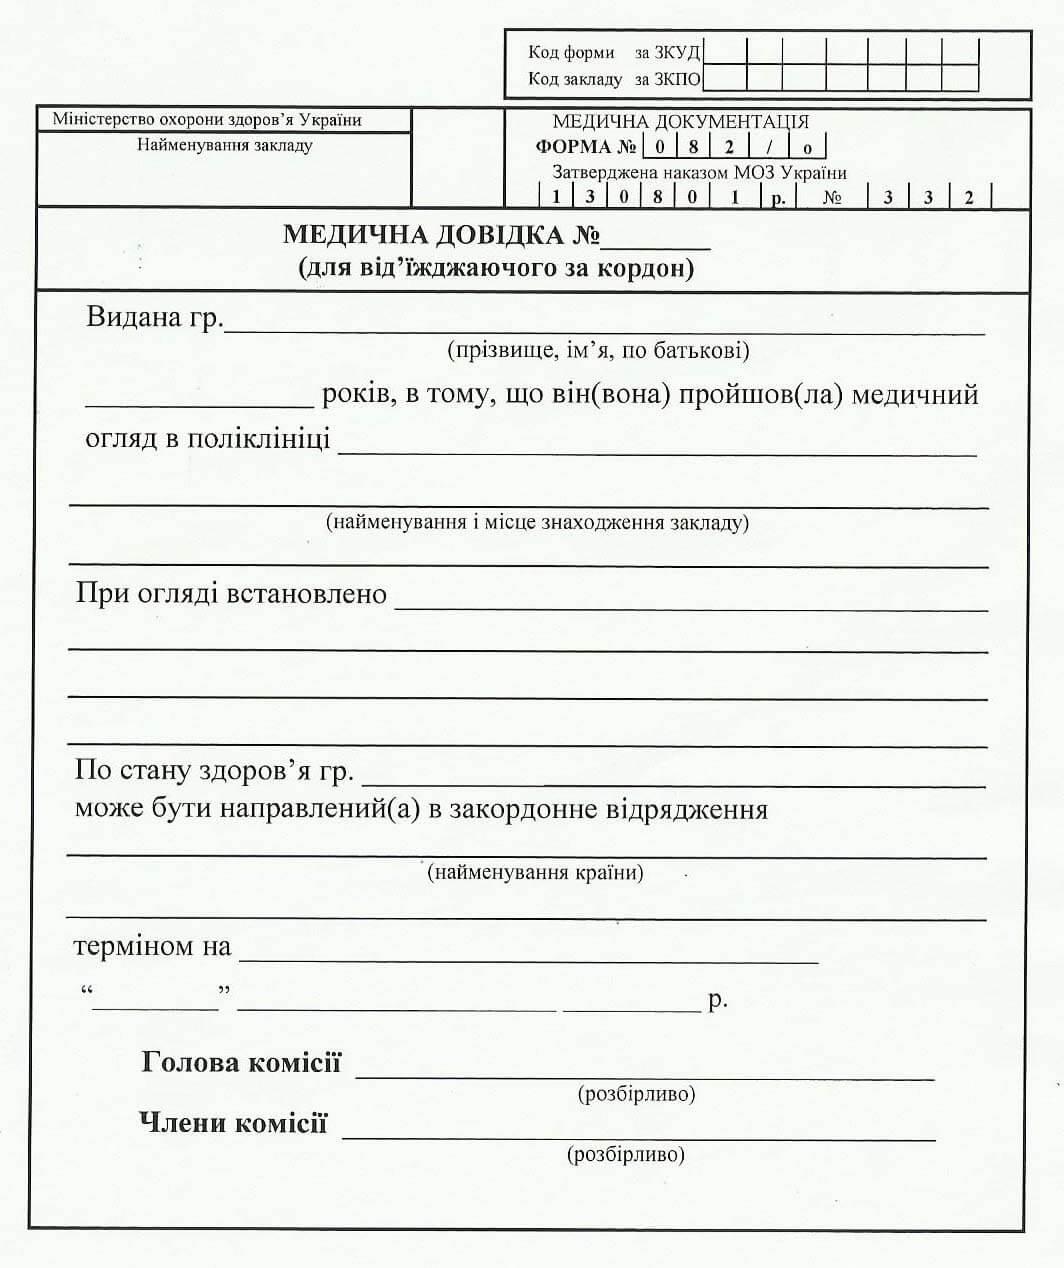 Справка 082 Киев, форма 082/о.